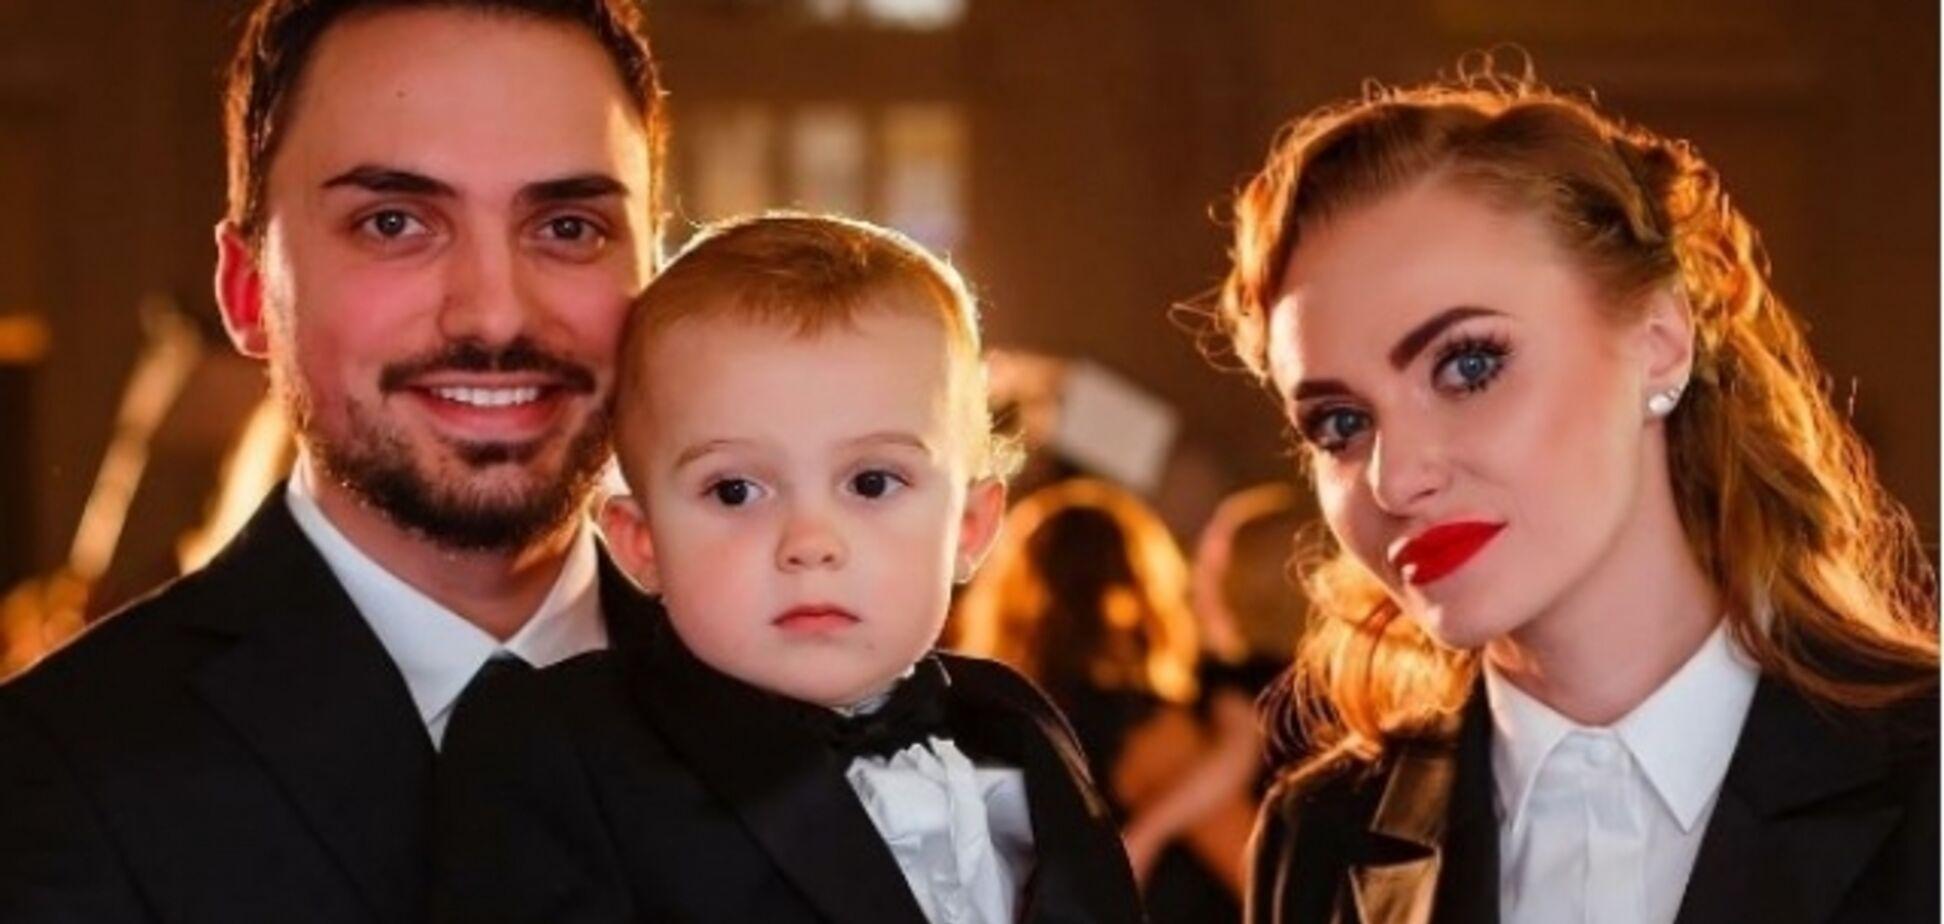 Слава Каминская развелась: почему рухнули отношения с мужем Эдгаром